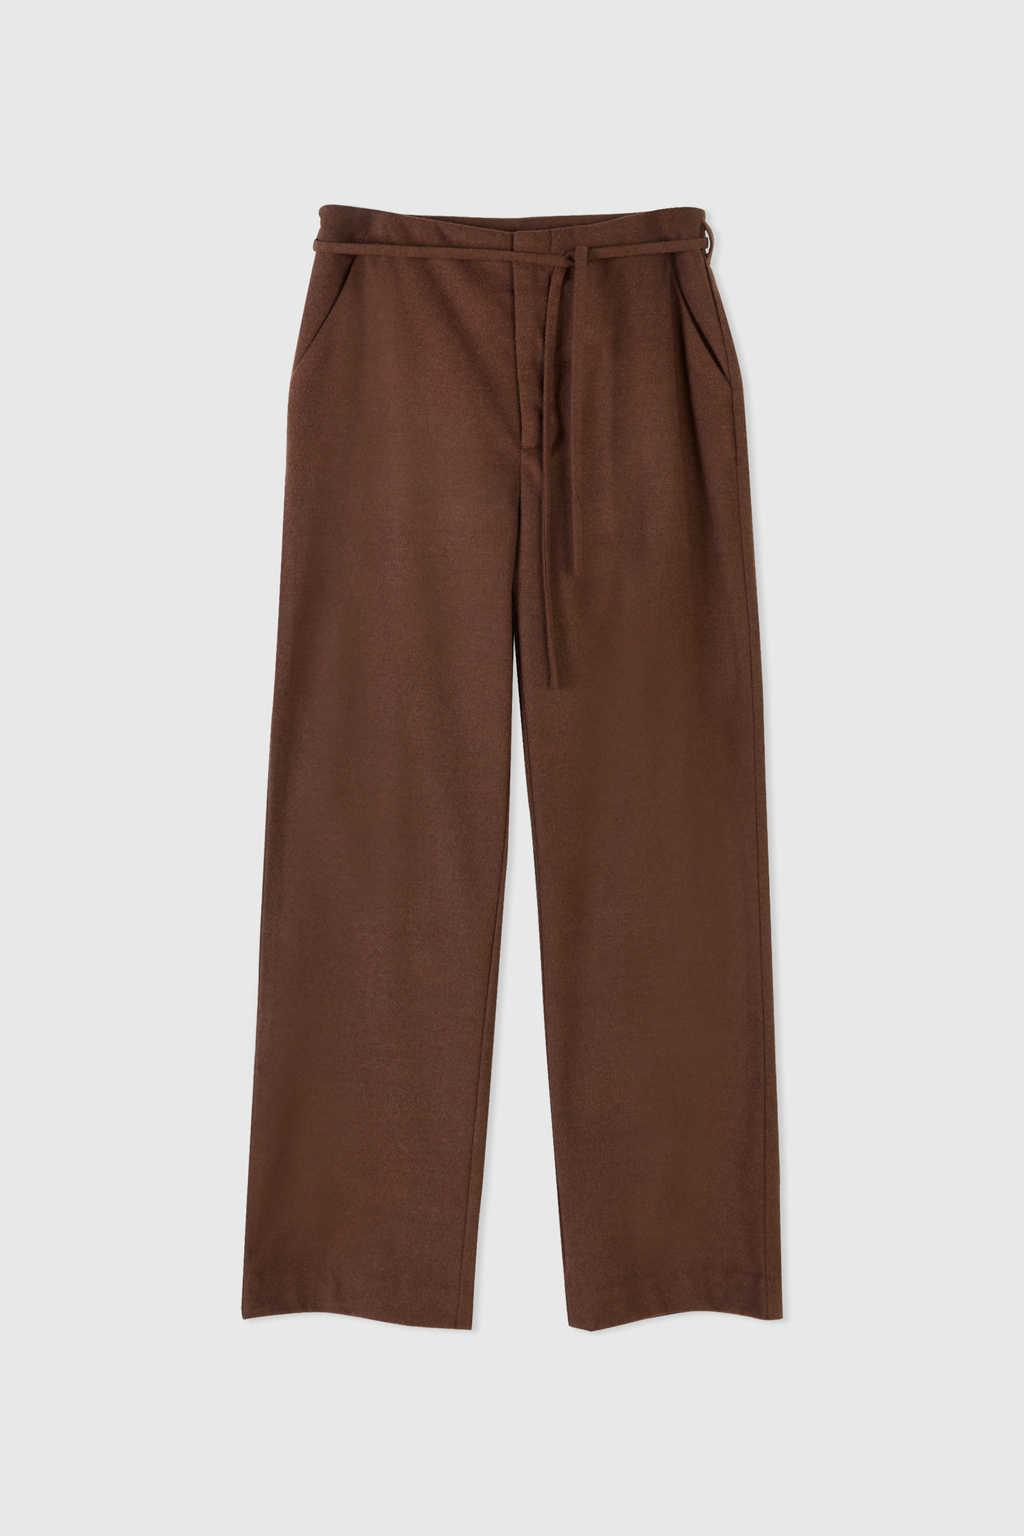 Pant 2695 Brown 5